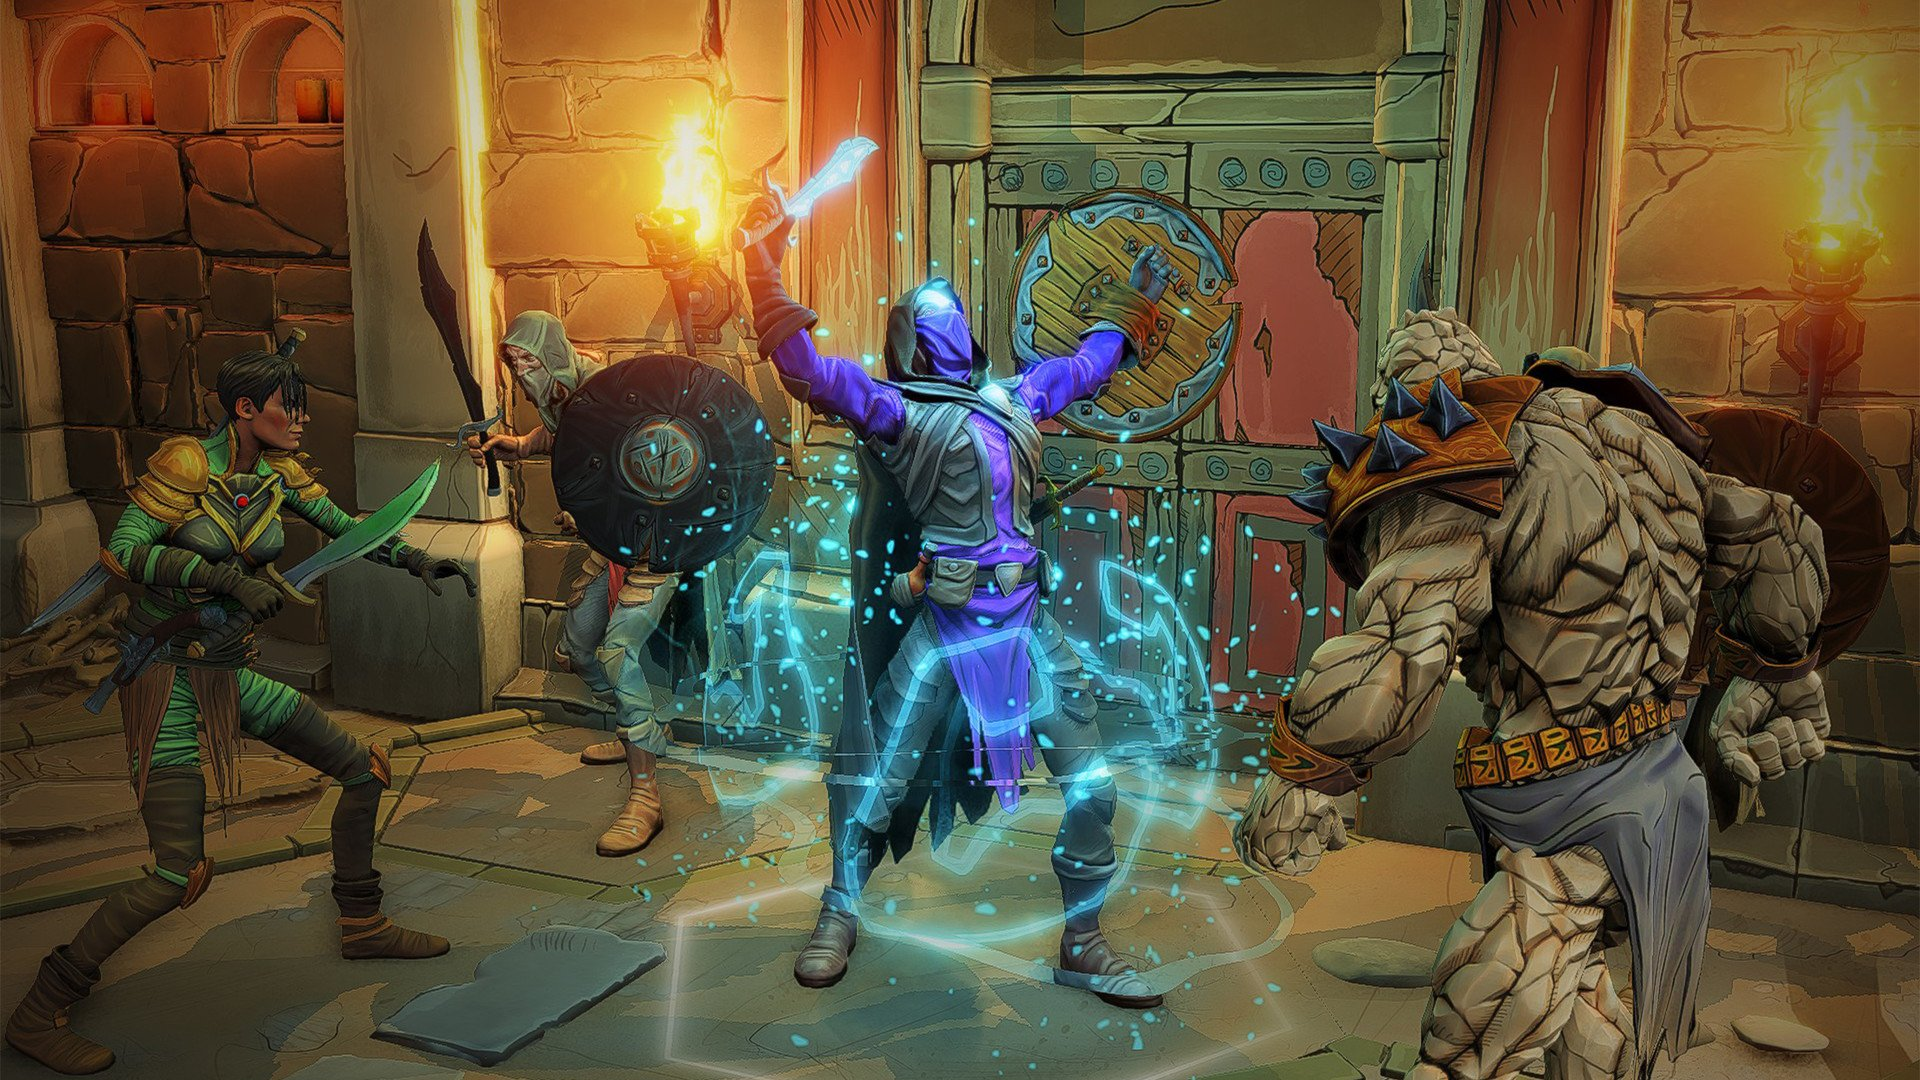 Version numérique du jeu de société populaire Gloomhaven sort aujourd'hui sur Steam